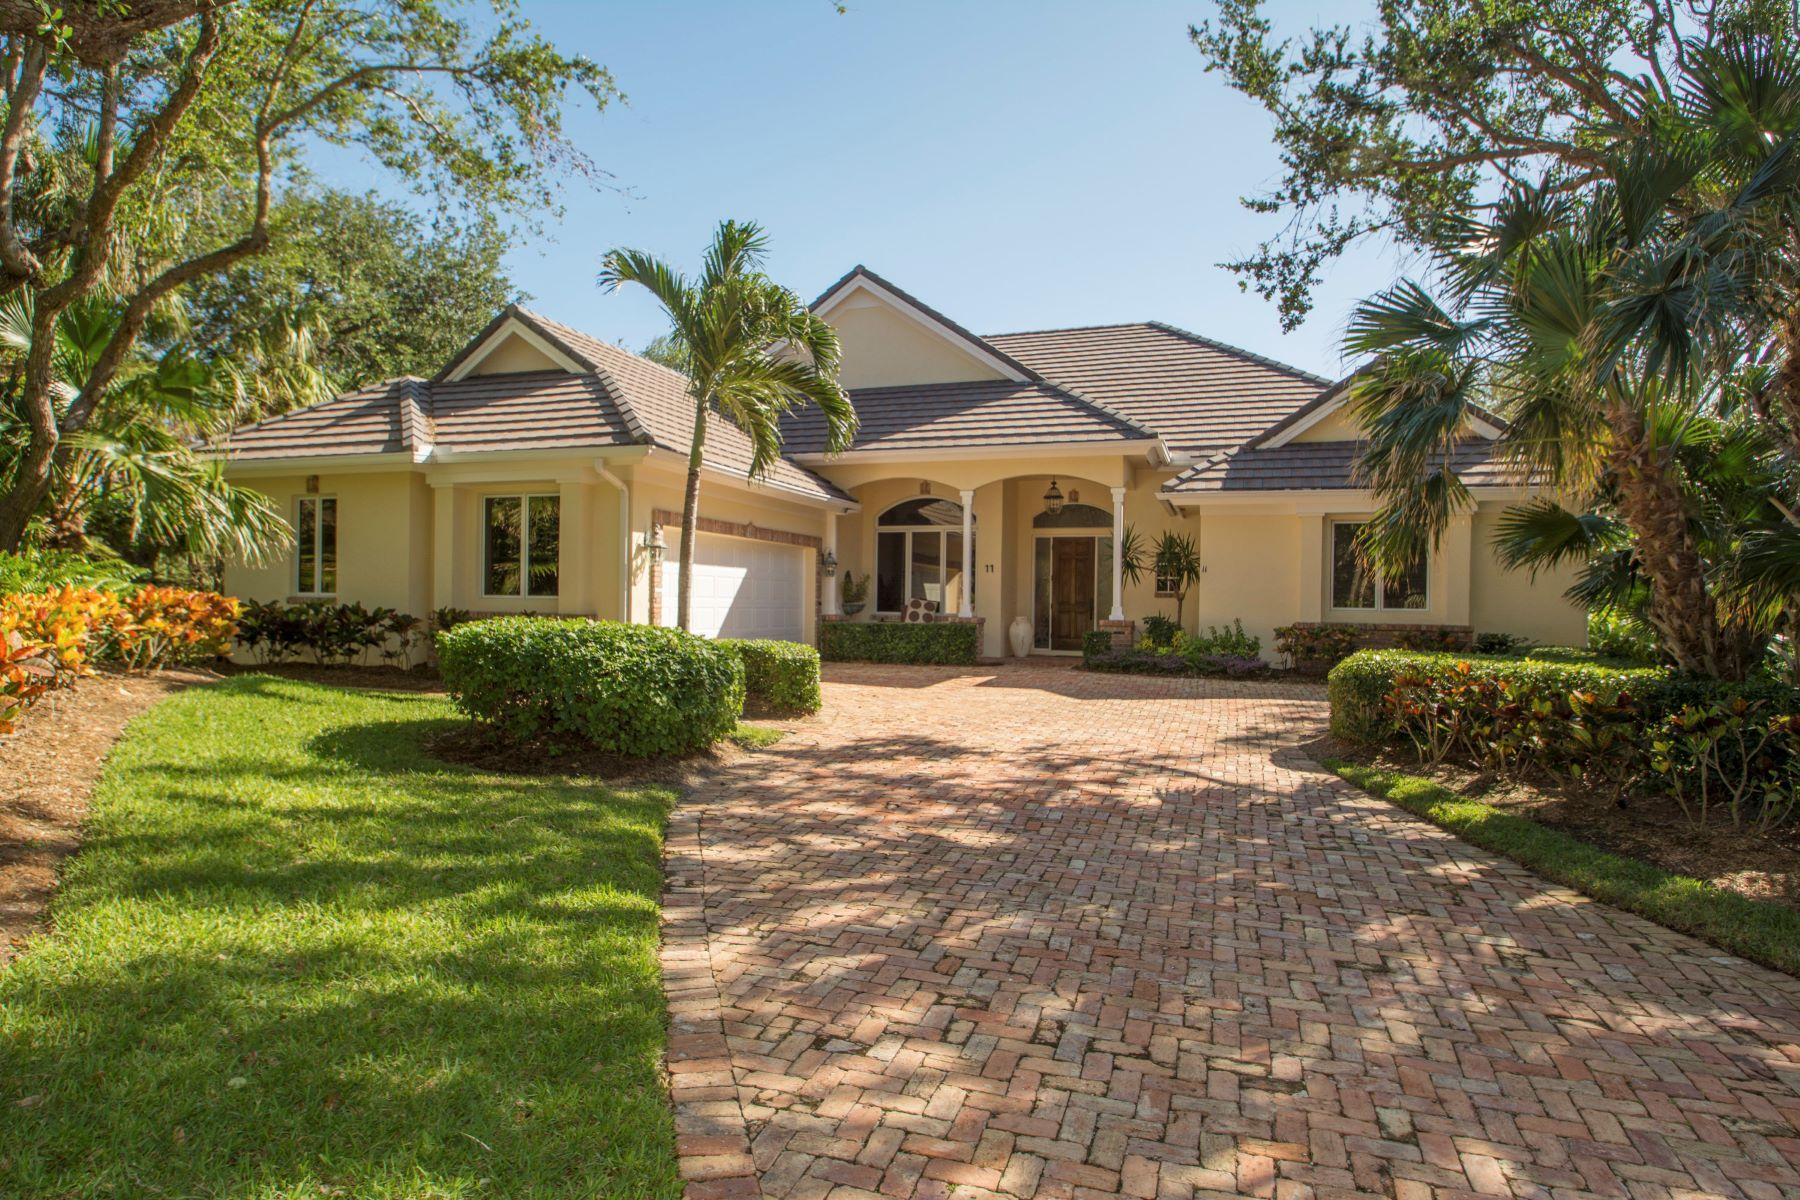 11 S White Jewel Court 11 S White Jewel Court Vero Beach, Florida 32963 Estados Unidos